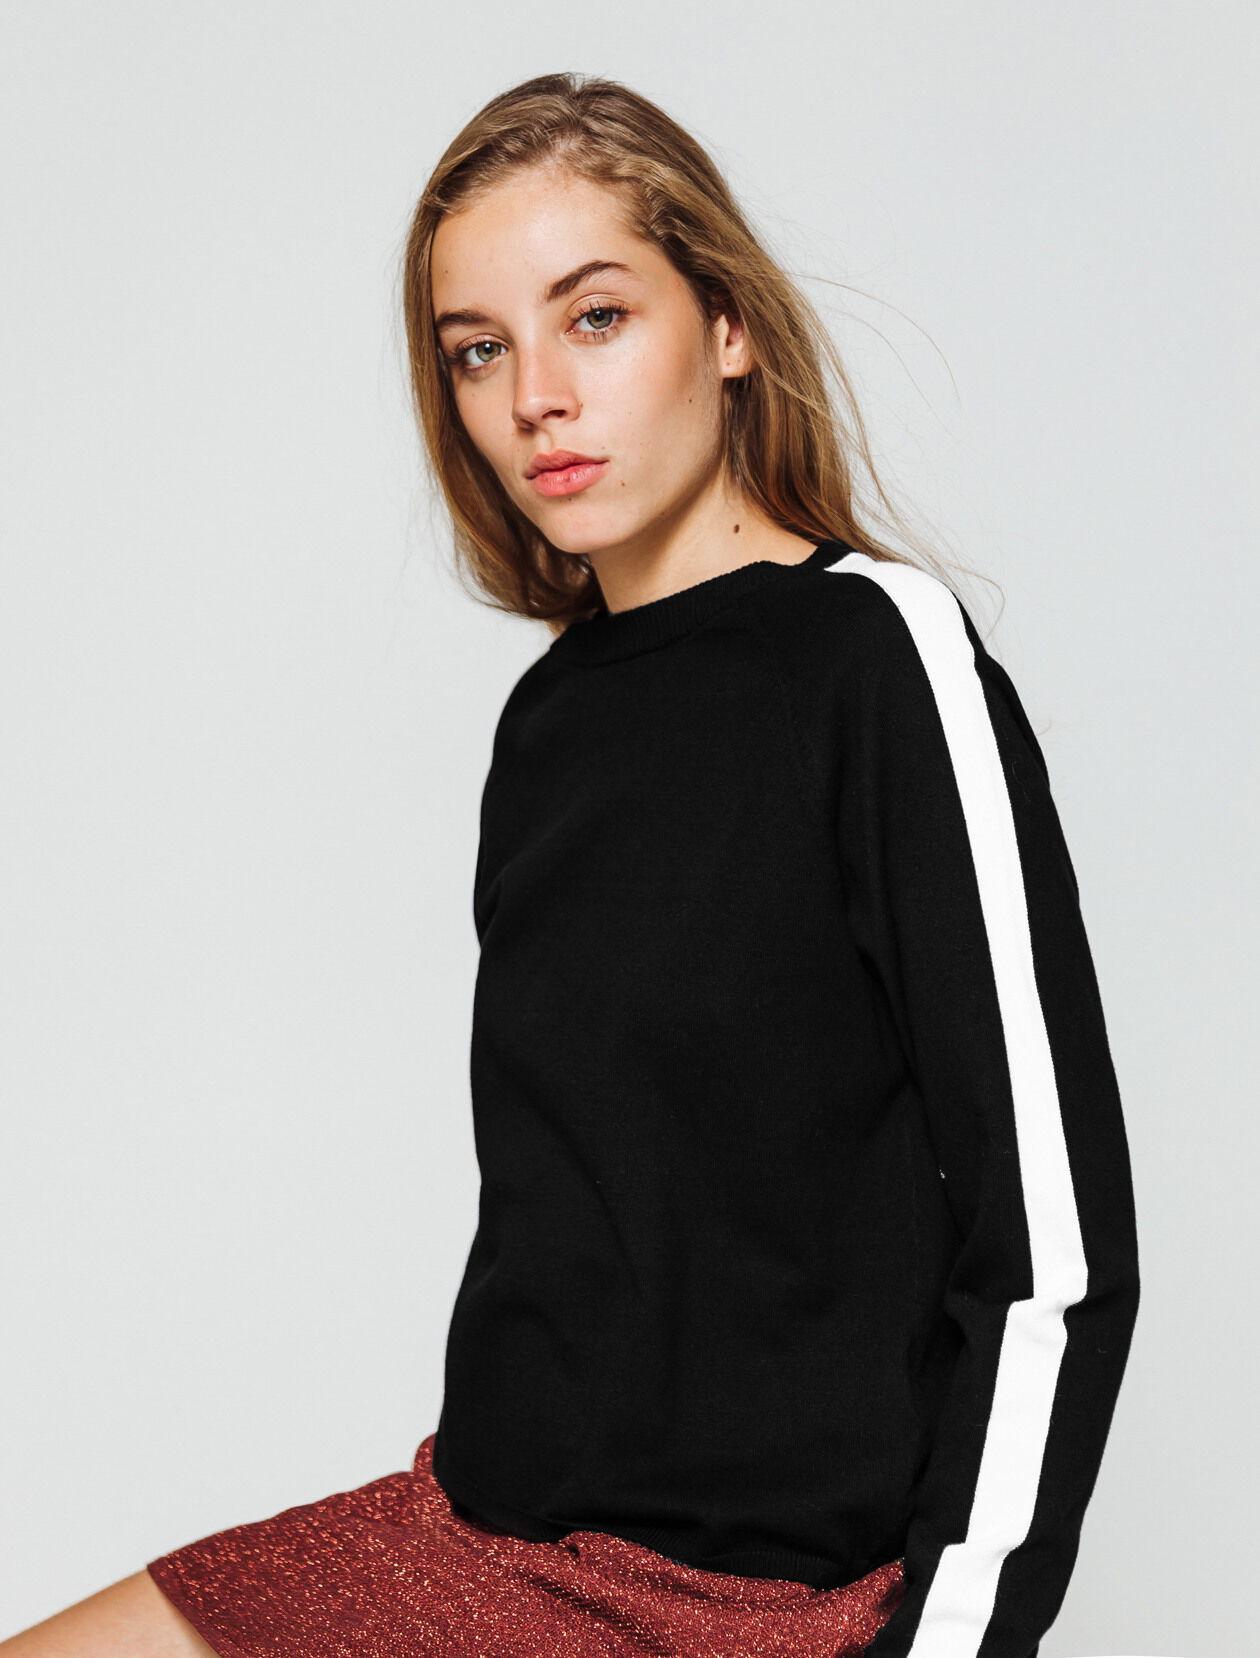 Pull robe femme 2018